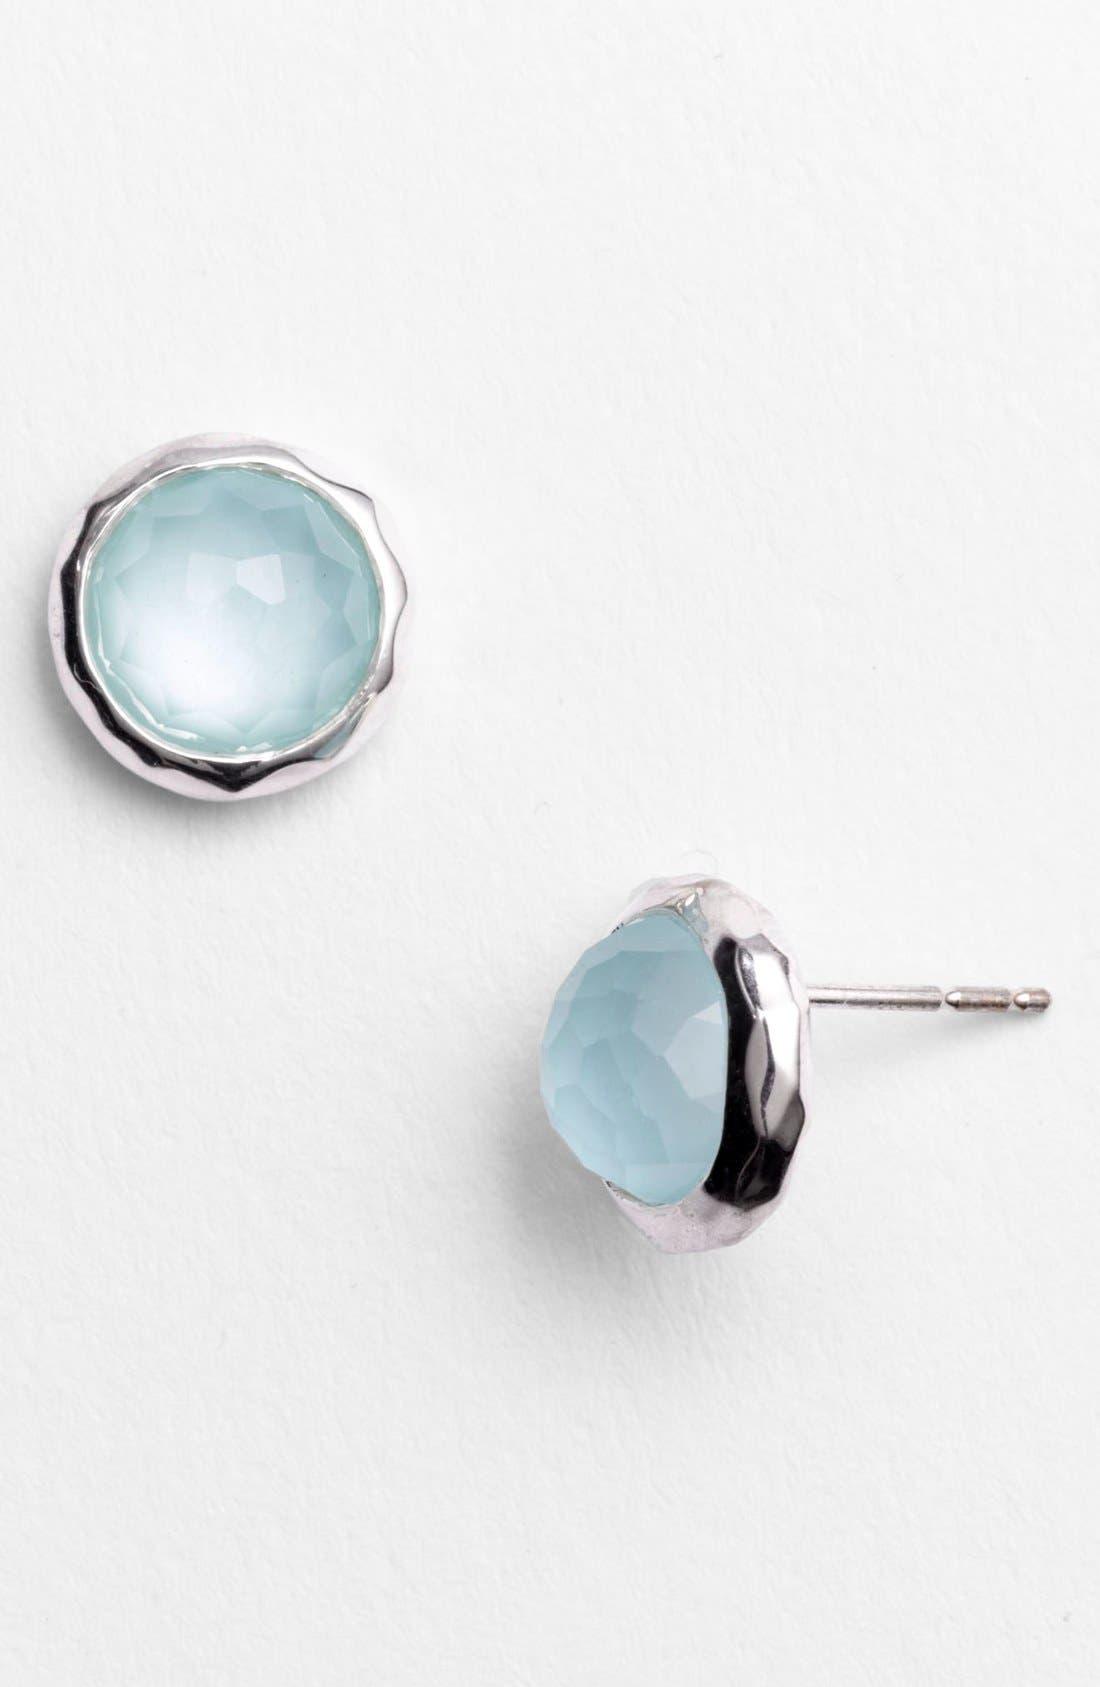 Main Image - Ippolita 'Rock Candy' Semiprecious Stud Earrings